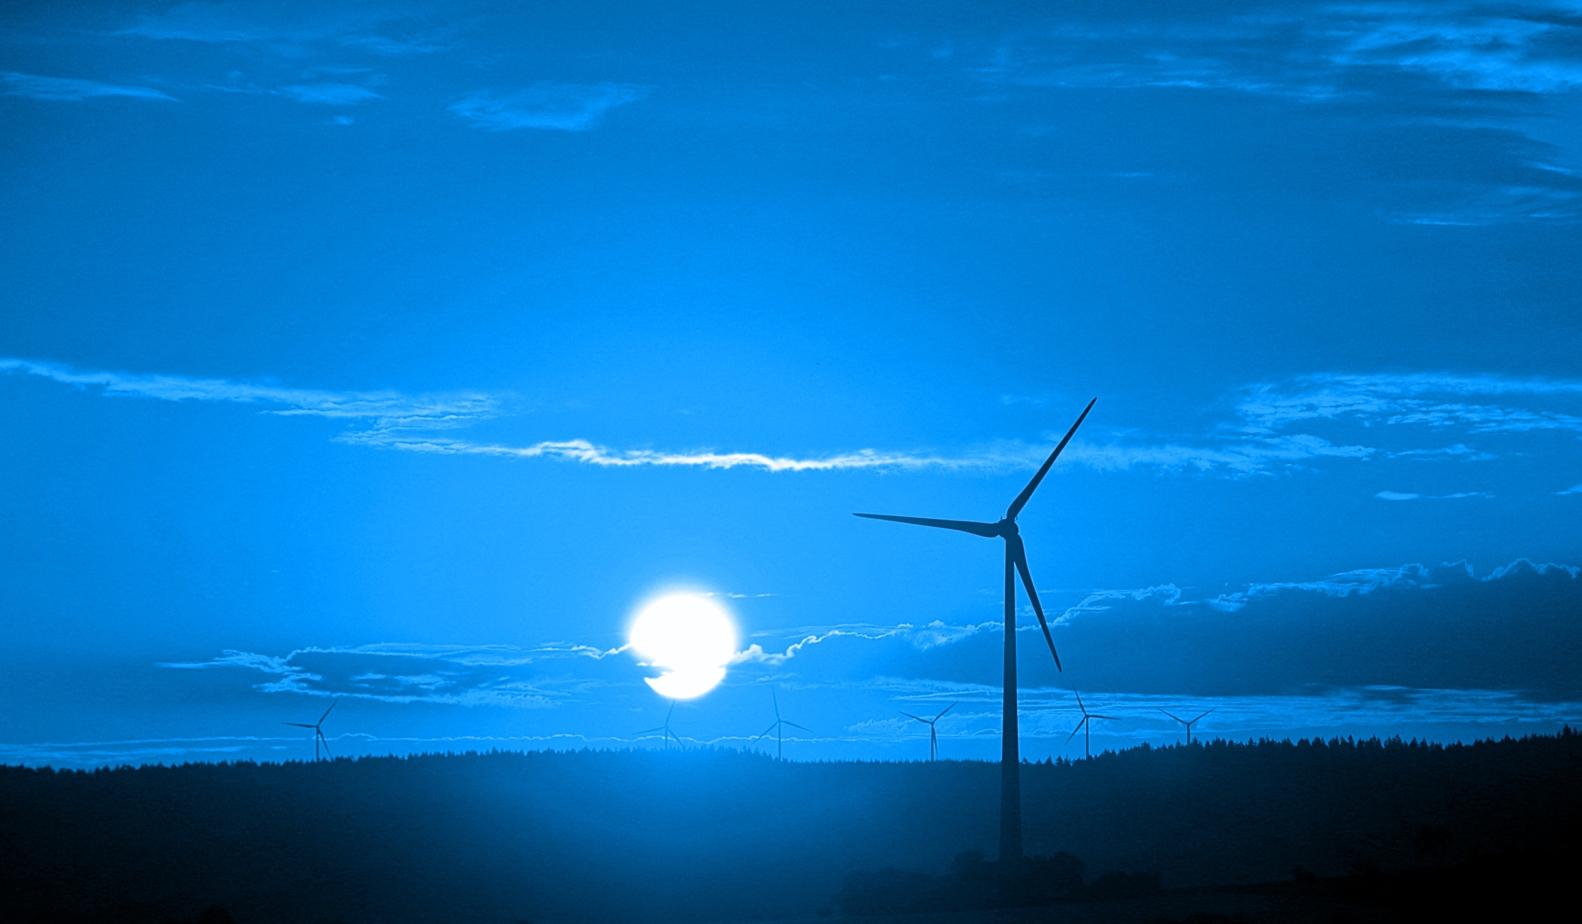 España deroga el 'Impuesto al Sol' para potenciar el autoconsumo energético,© CC0 1.0 Universal [Public Domain Dedication]